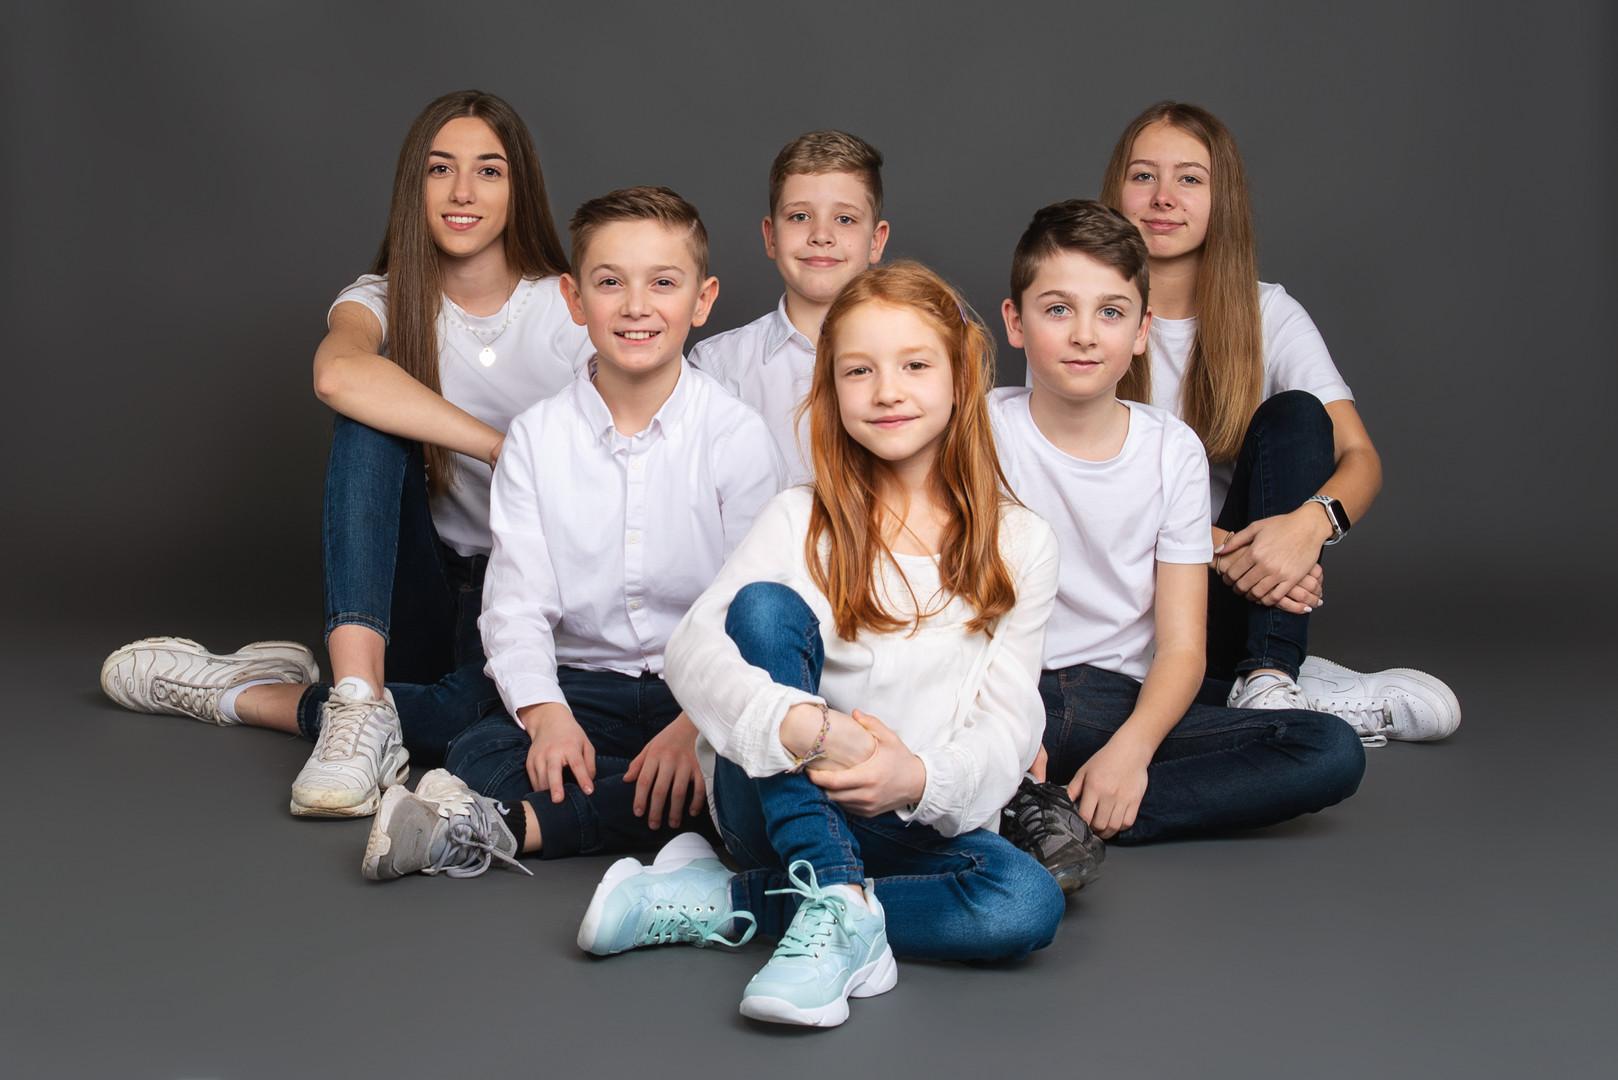 familie-lehr-enkel-145.jpg